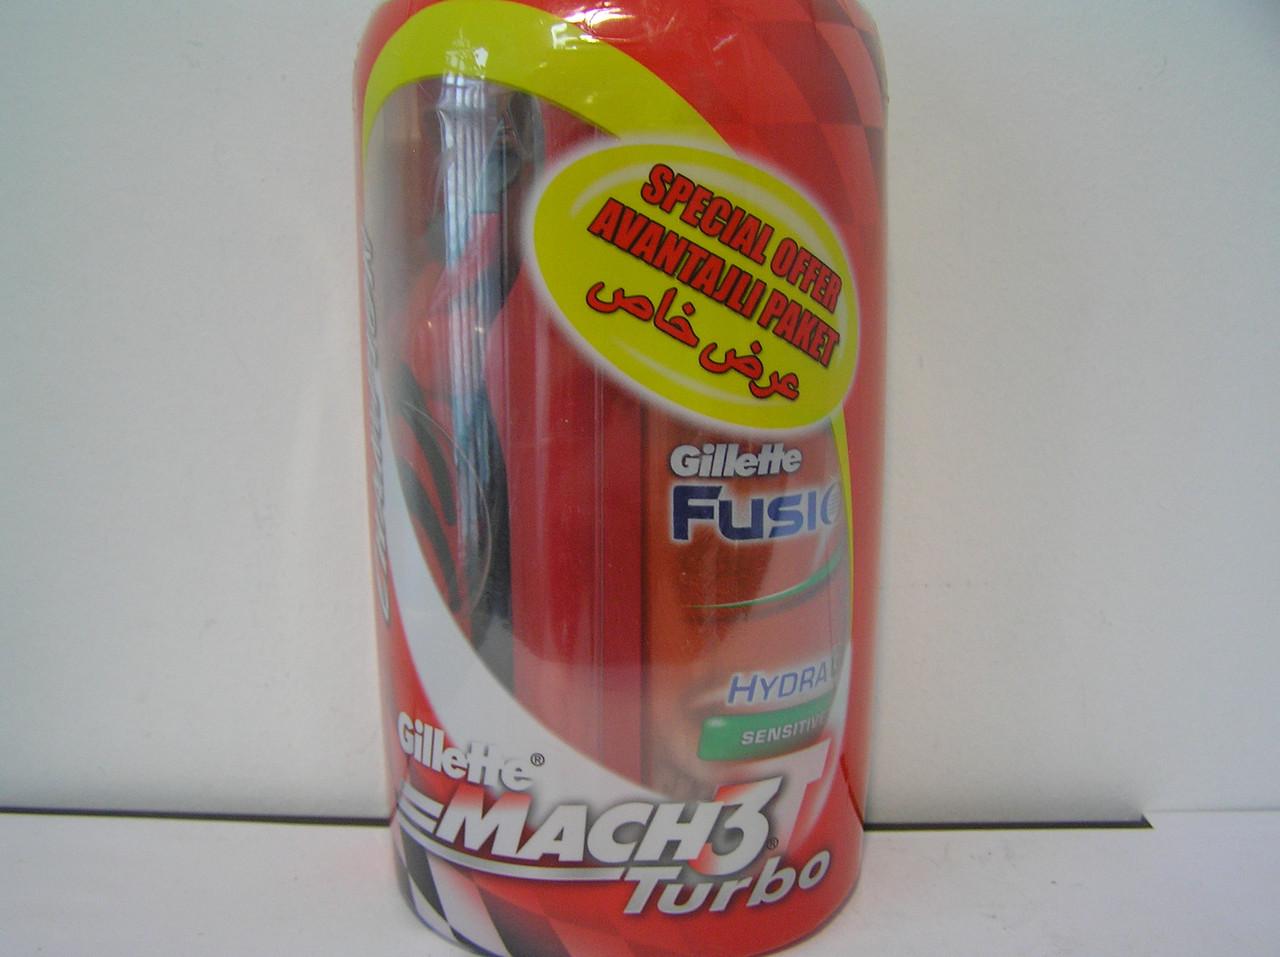 Набор для бритья мужской Gillette Kombo Mach 3 Turbo Чемпион Станок + 1 кассета + Гель  75 мл.(Жиллет Мак 3)